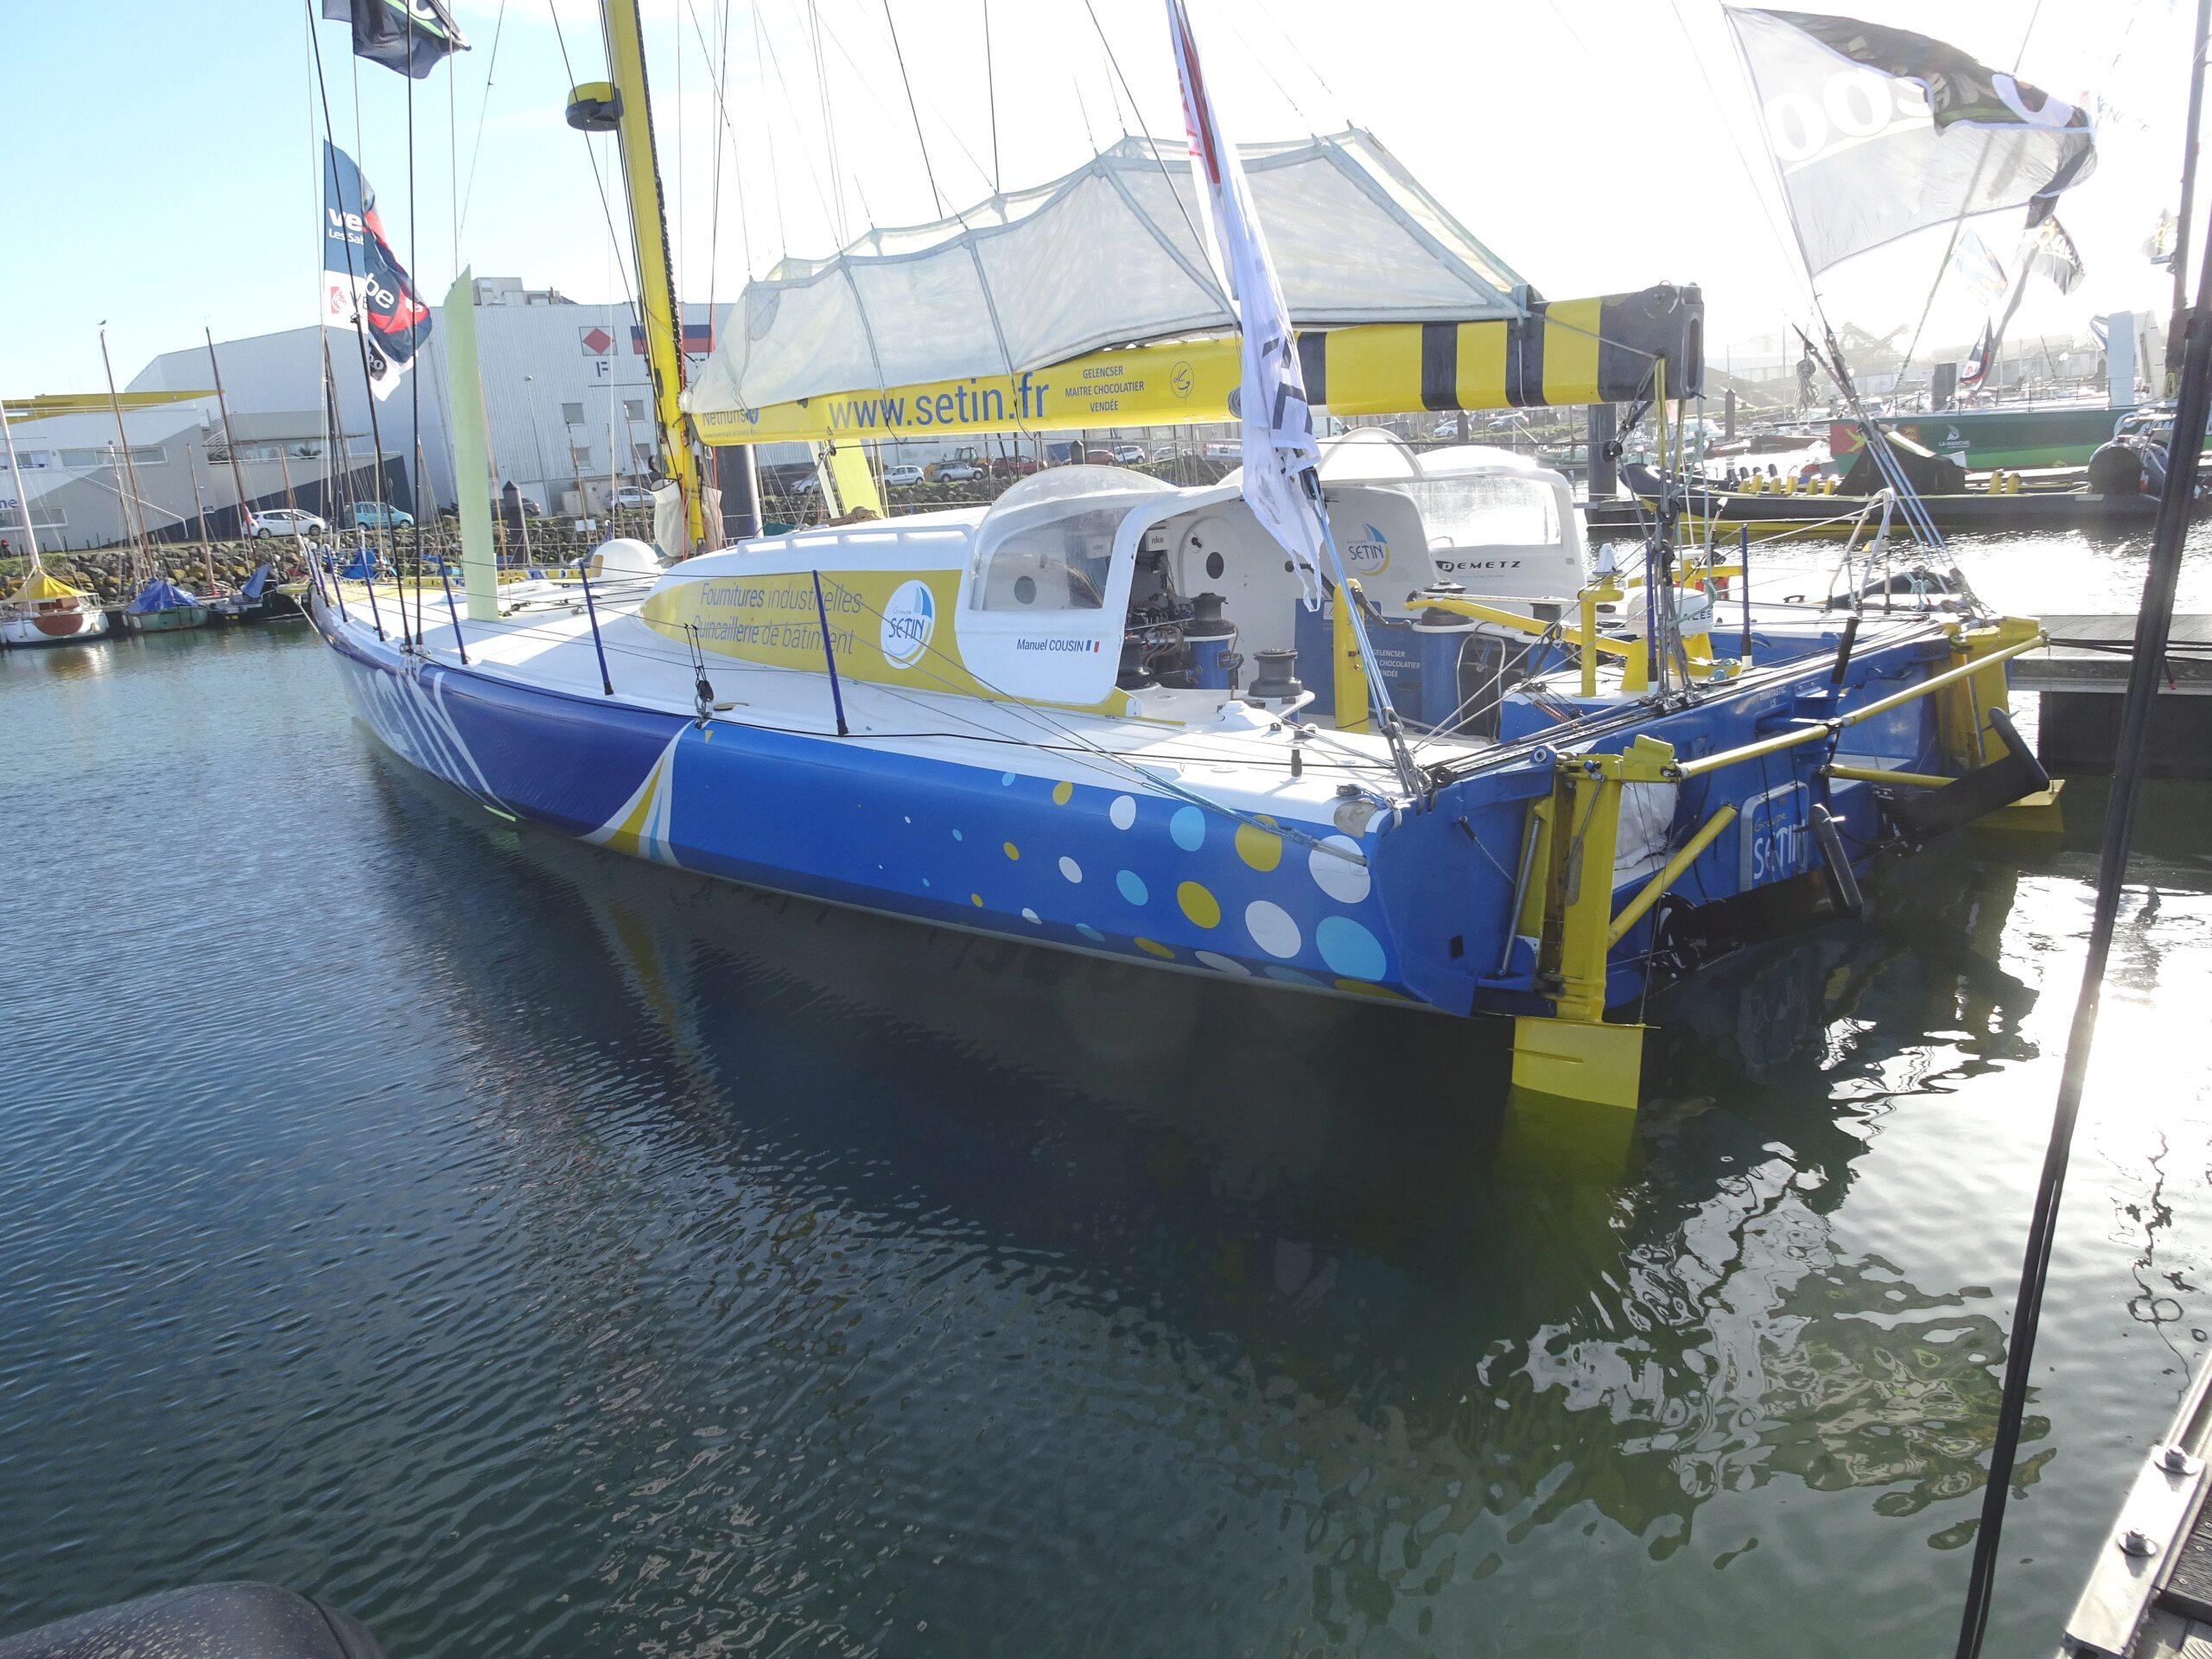 Vendée Globe 2020 , les bateaux - Page 2 Dsc08440